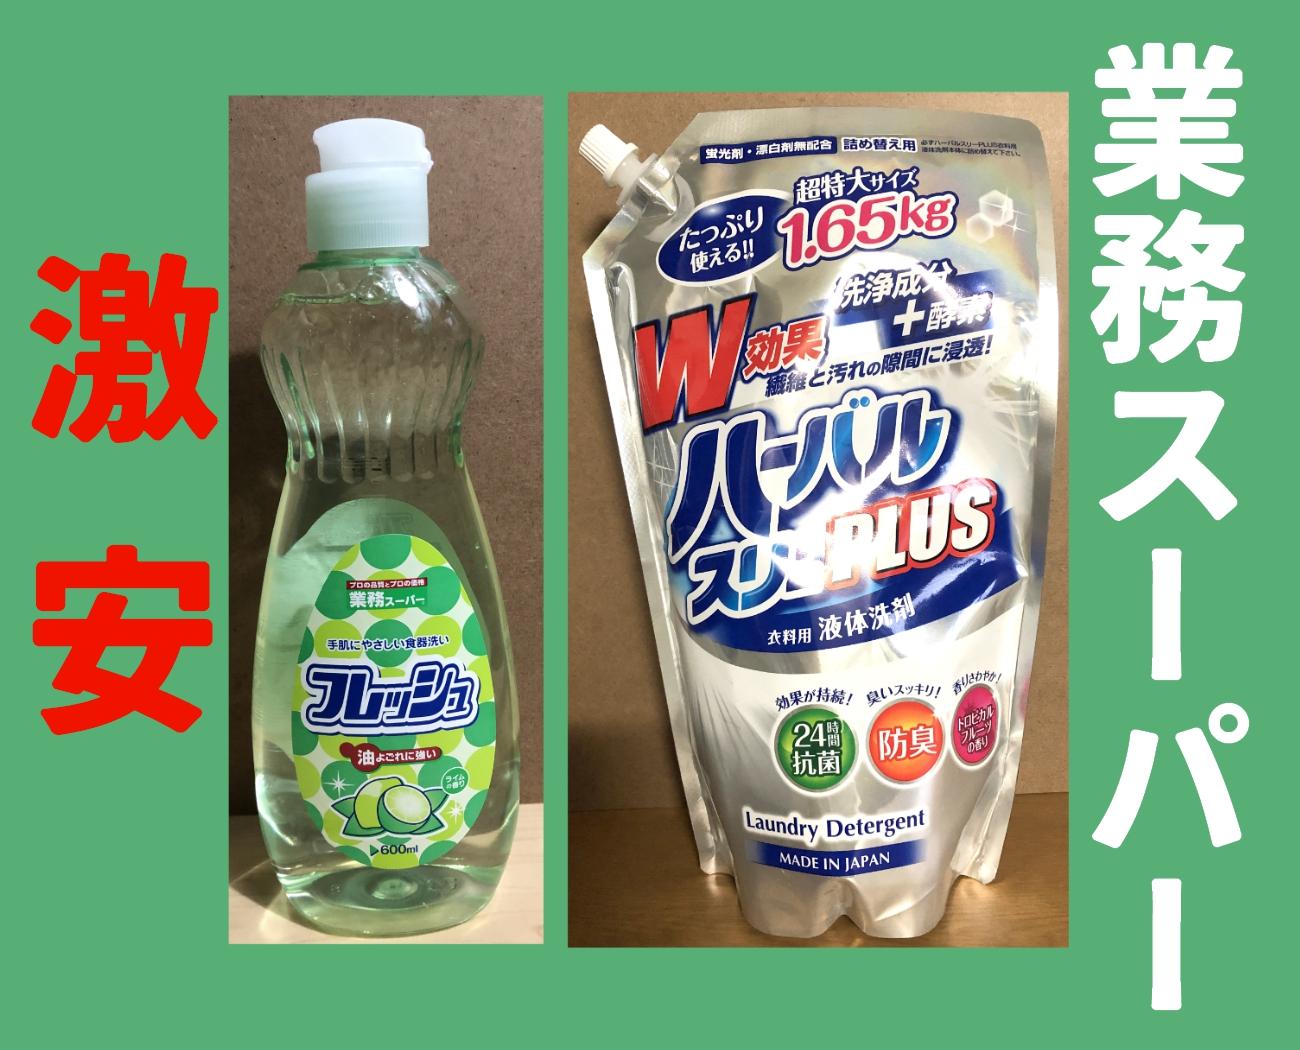 業務スーパーの激安洗剤